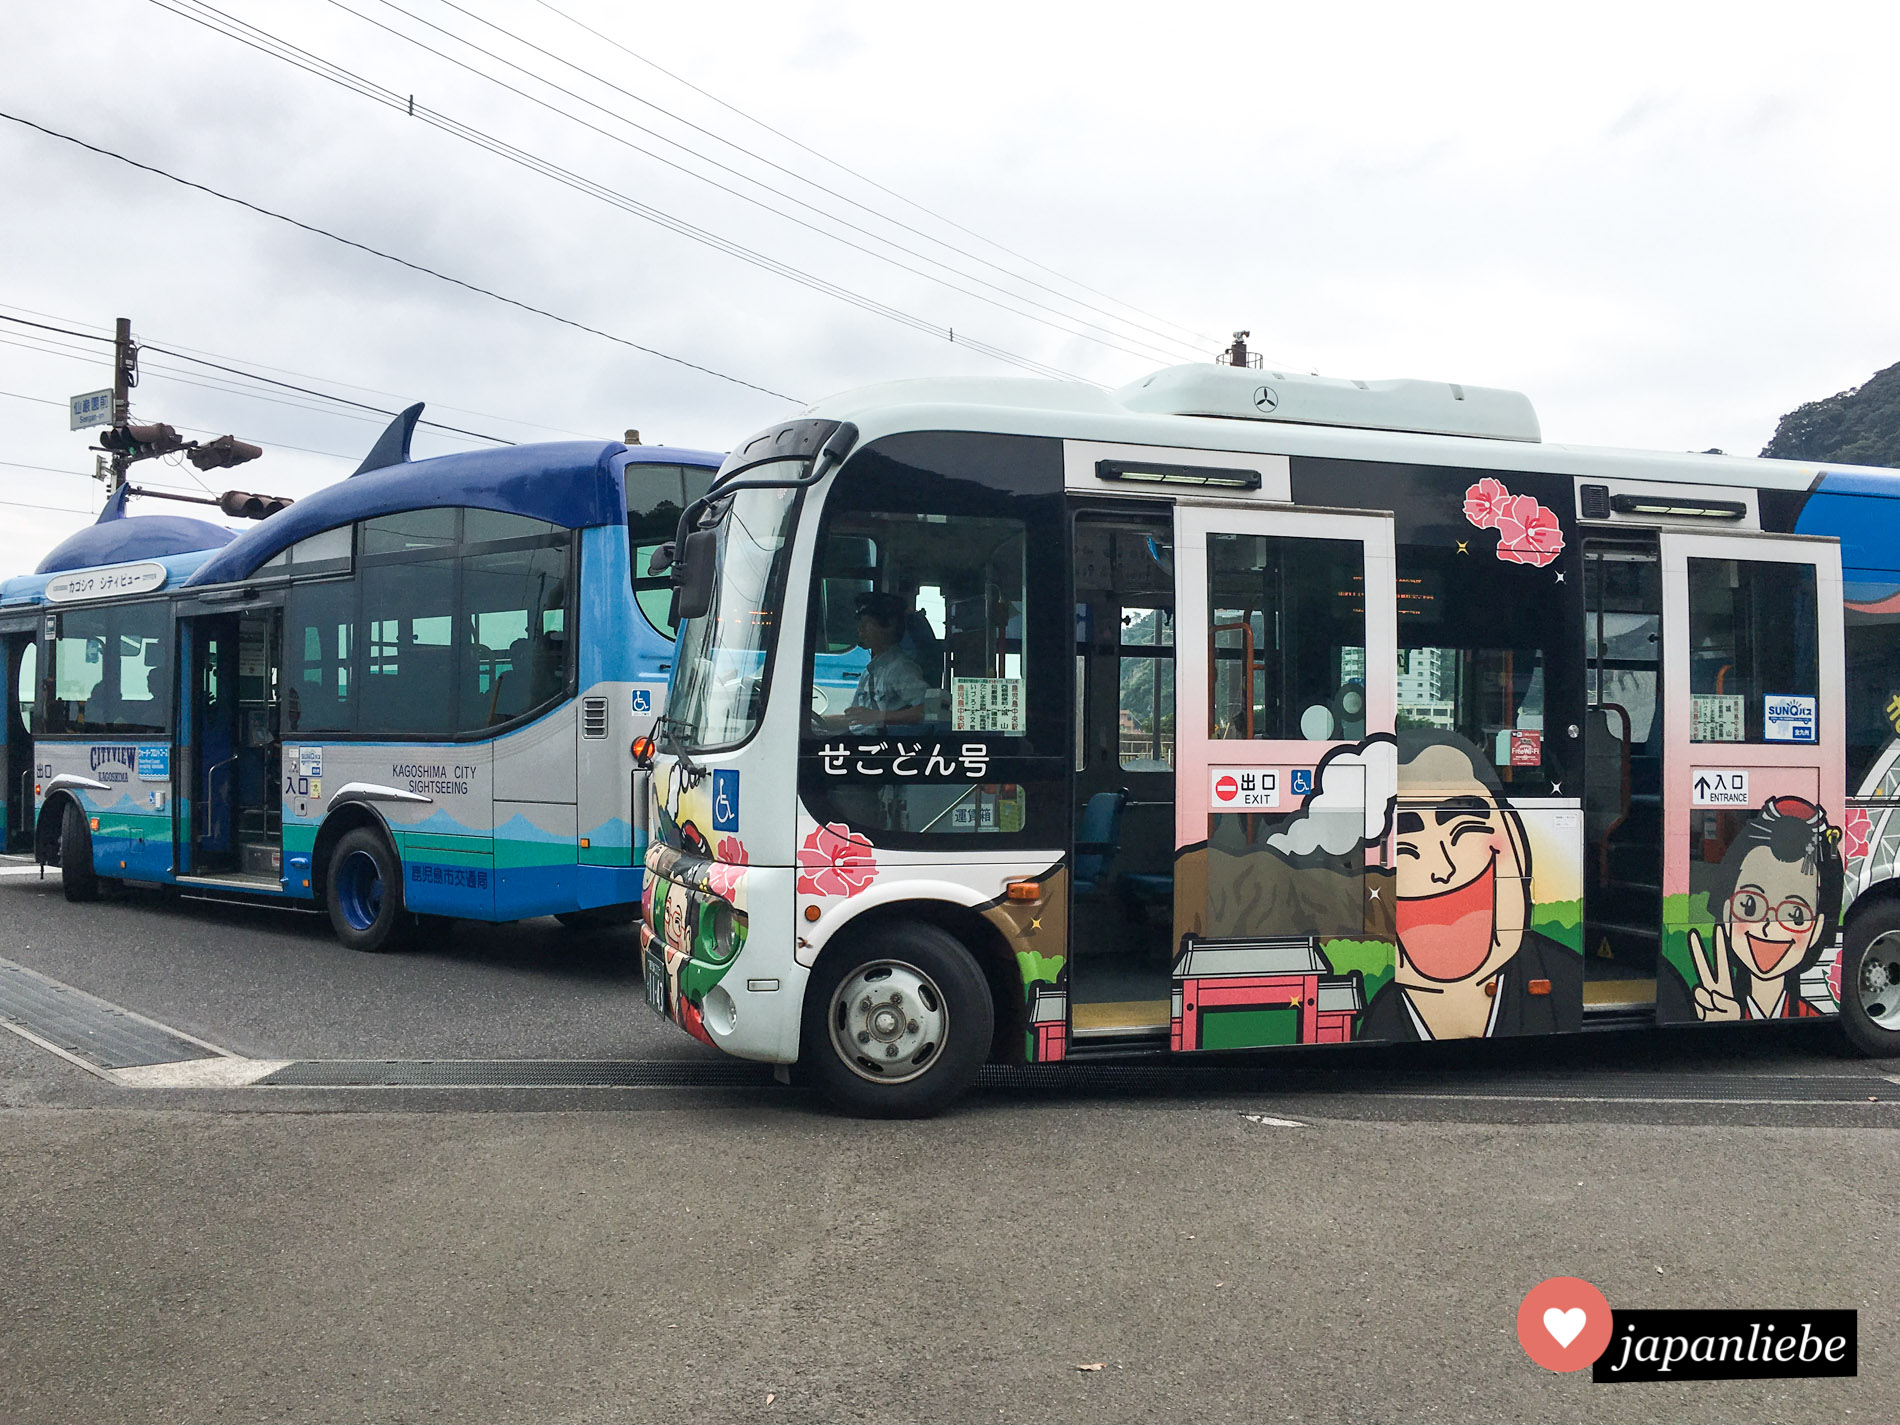 Gleich zwei verrückte Bus-Modelle fahren durch Kagoshima: der niedlich verzierte Touristenbus und einer, mit einem Walfisch auf dem Dach.